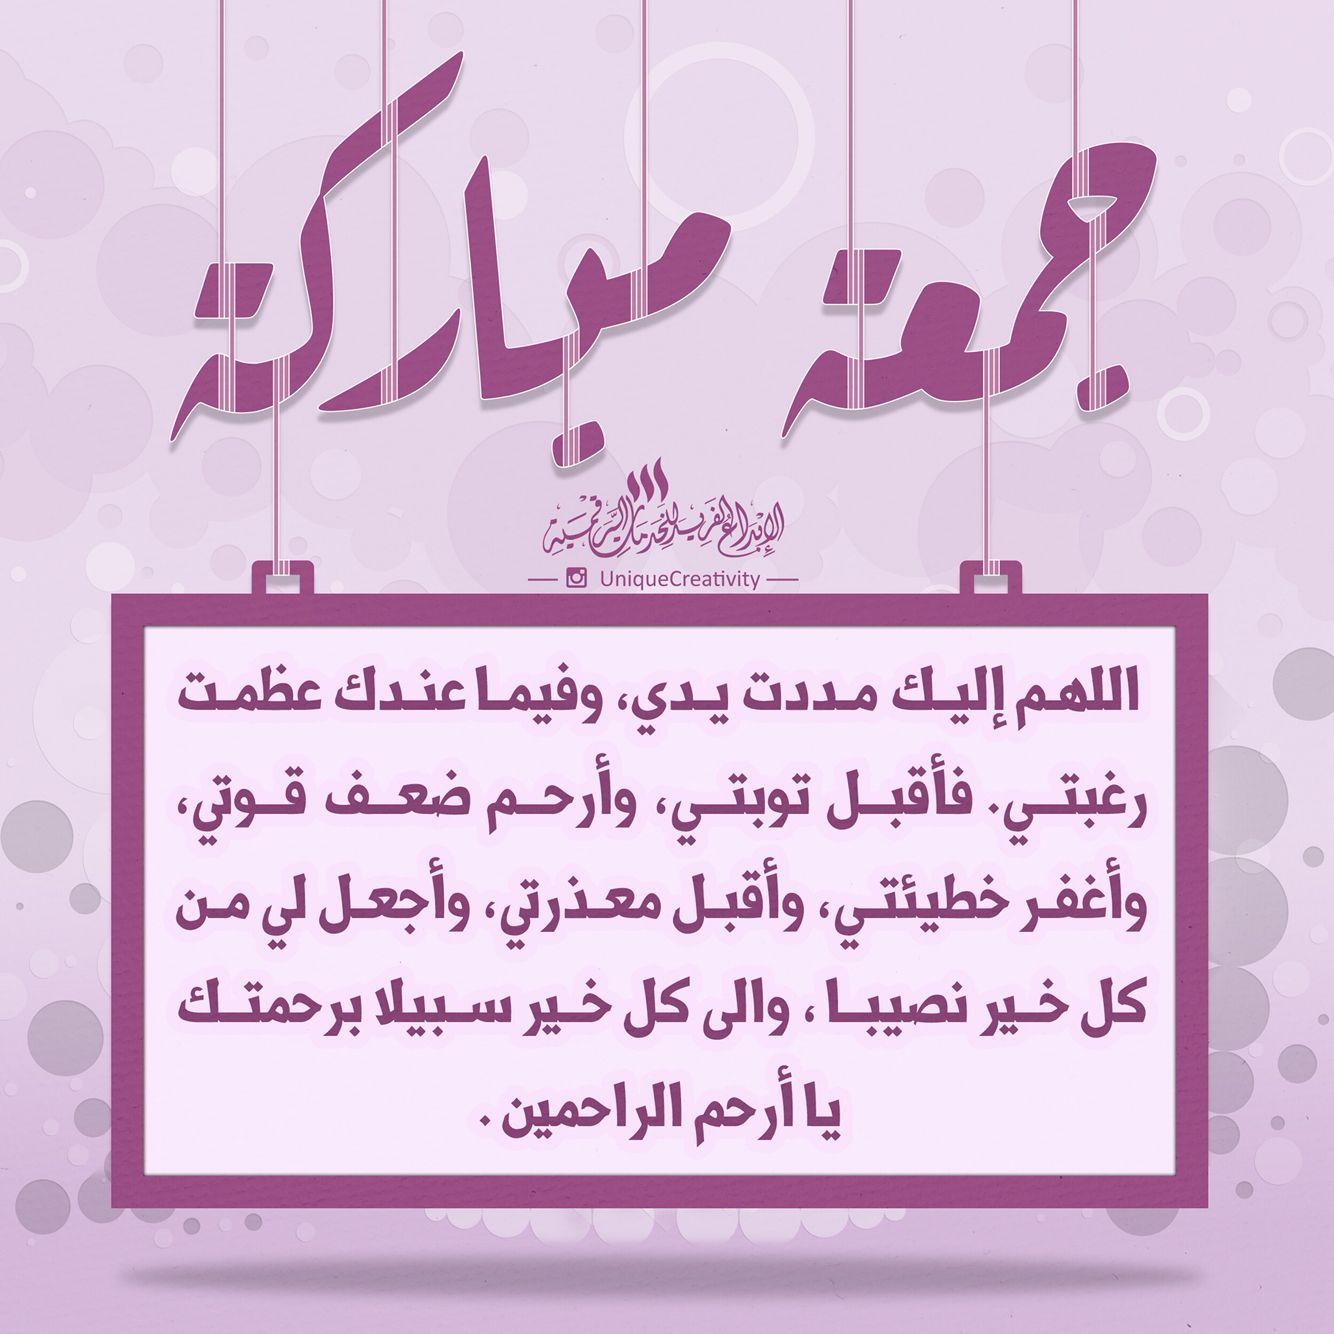 جمعة مباركة صباح الخير جمعة جمعة مباركة جمعة طيبة تصاميم المبدعين رمزيات اسلامية ناش Friday Messages Blessed Friday Jumma Mubarak Beautiful Images